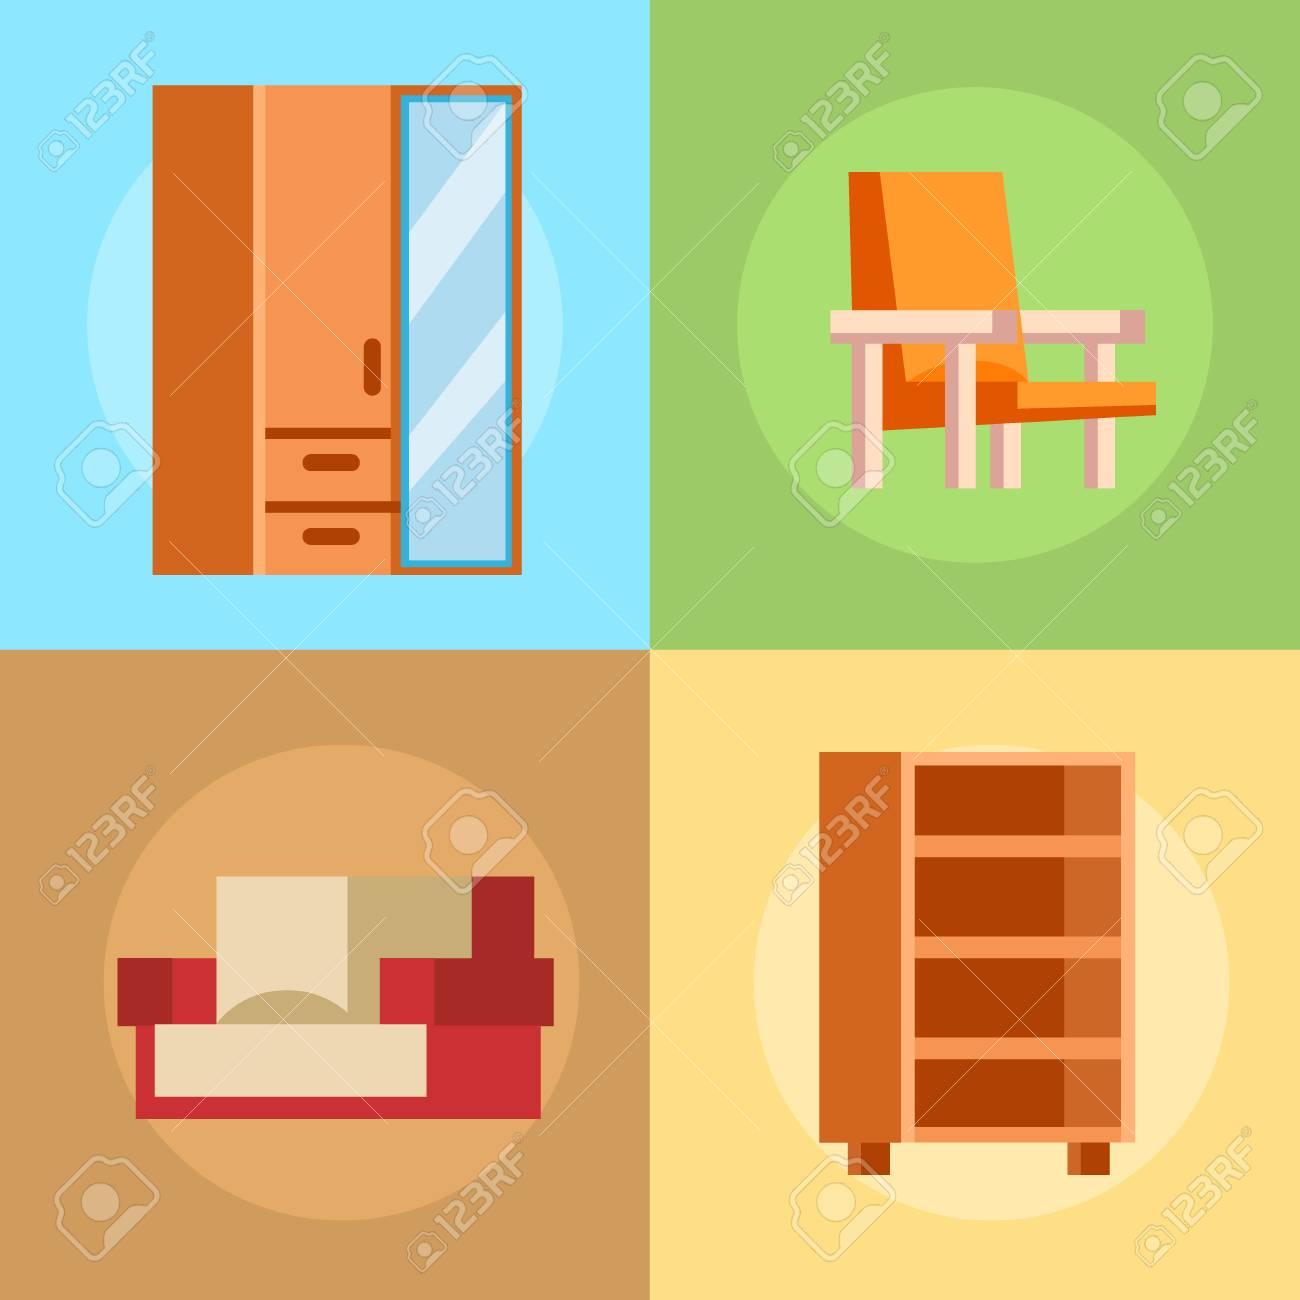 Möbel-Symbole Vektor-Illustration Isoliert Innen Lebt Schrank ...